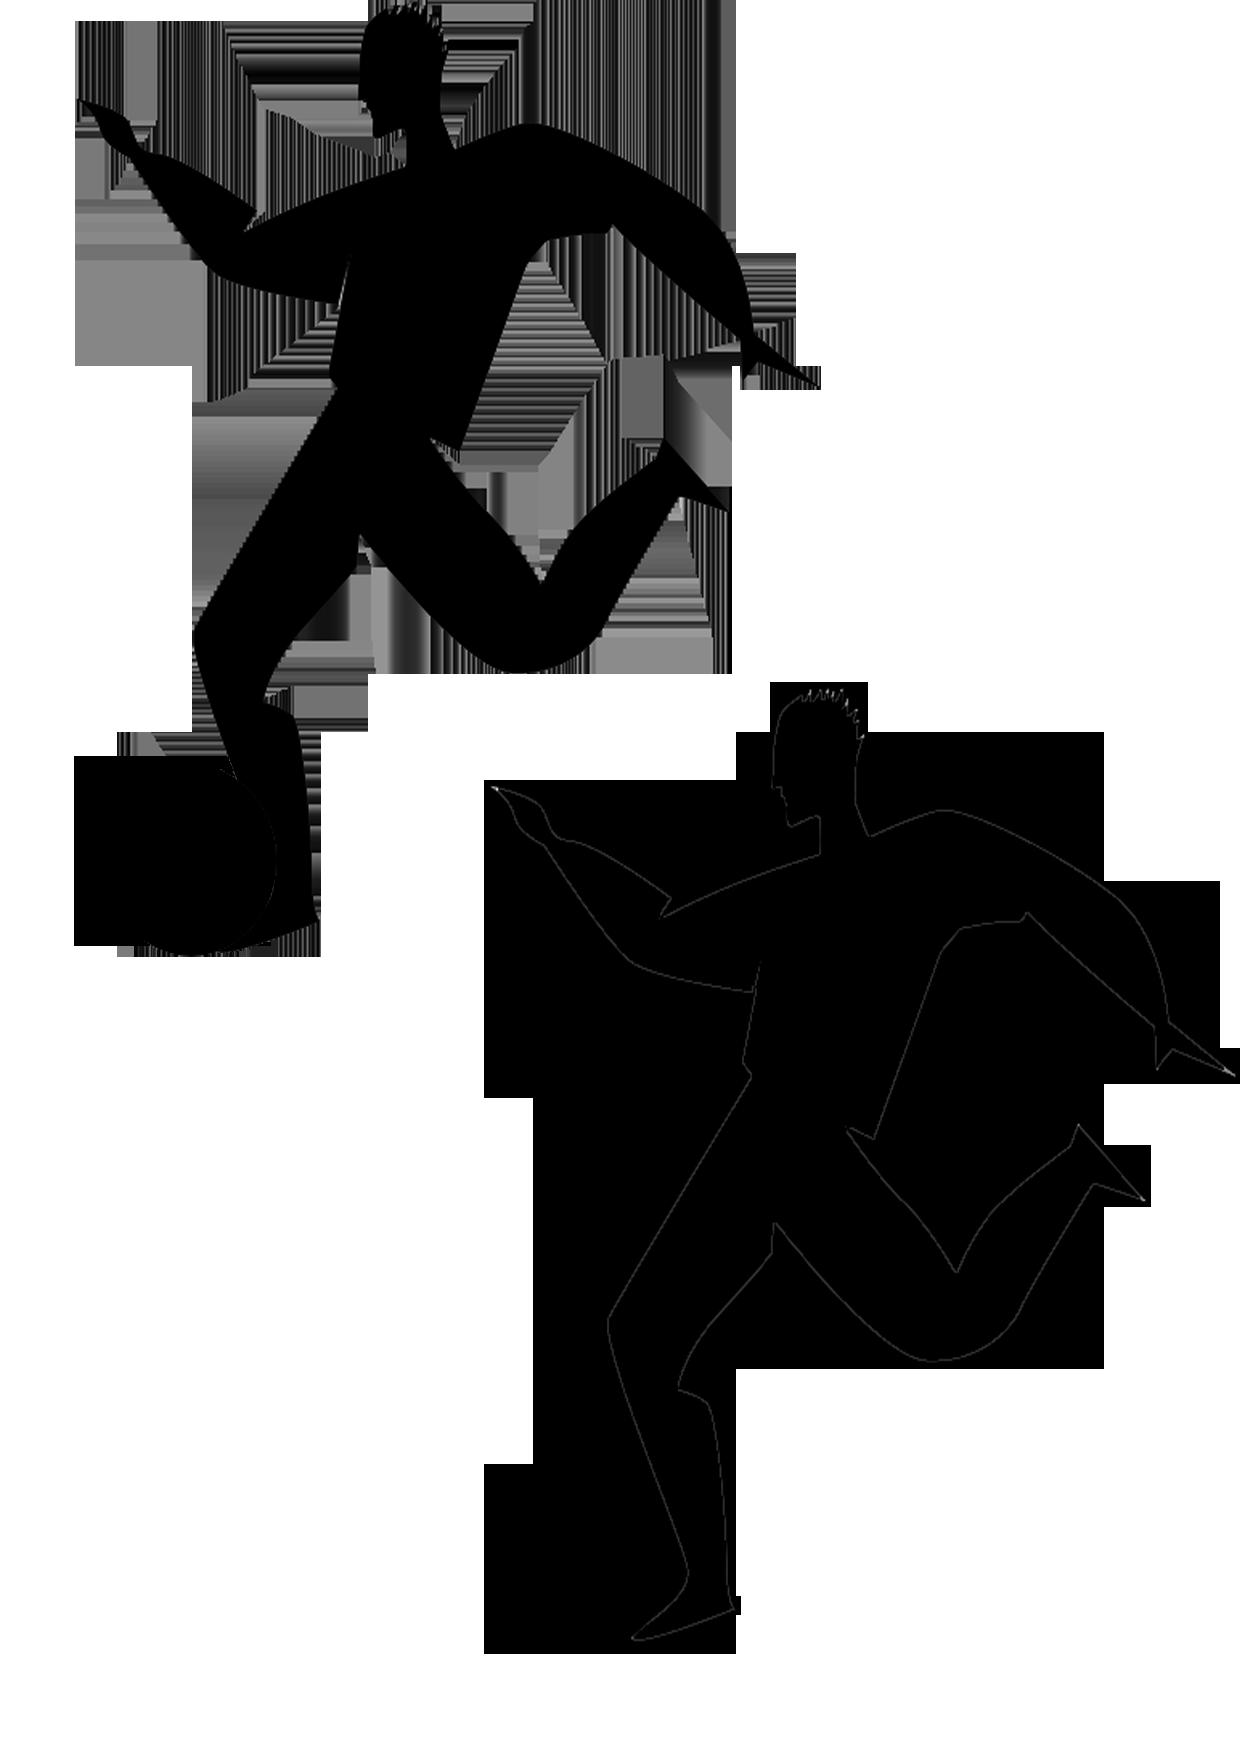 fußball scherenschnitt & silhouette fußballspieler